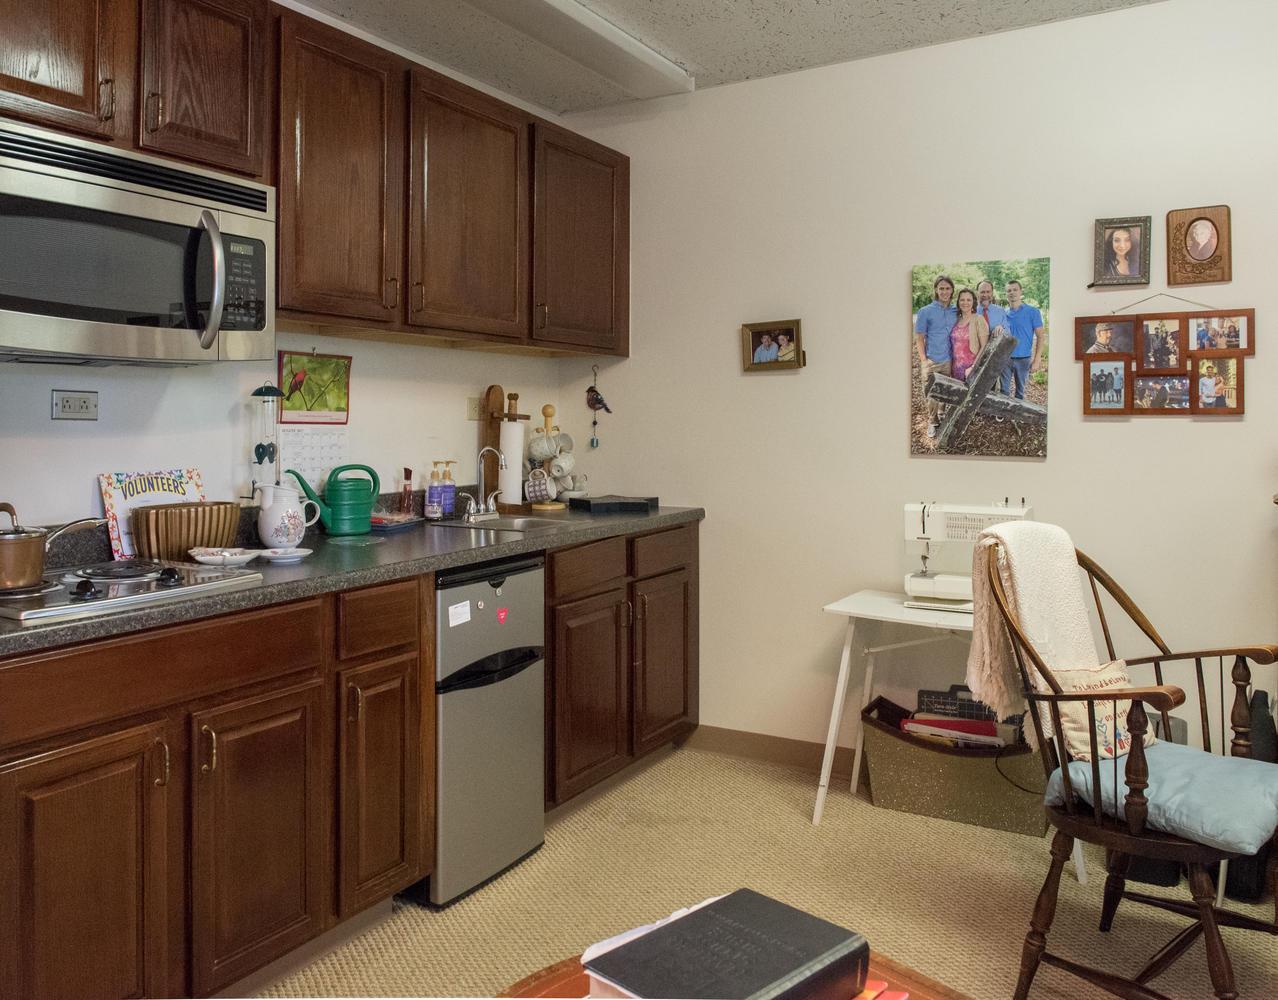 Kitchen area in Stonerise Princeton studio unit with family photos